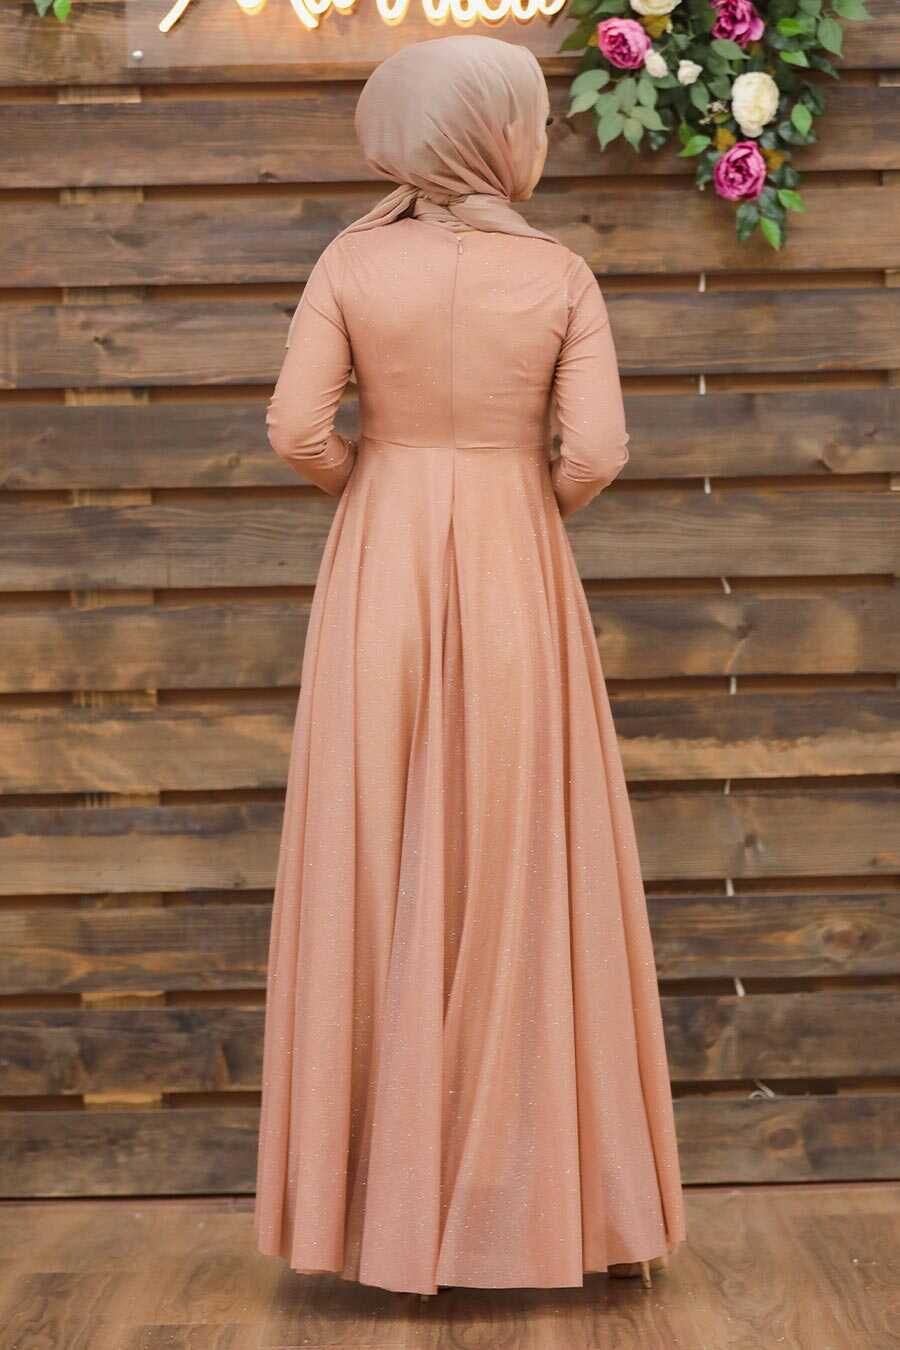 Salmon Pink Hijab Evening Dress 5397SMN